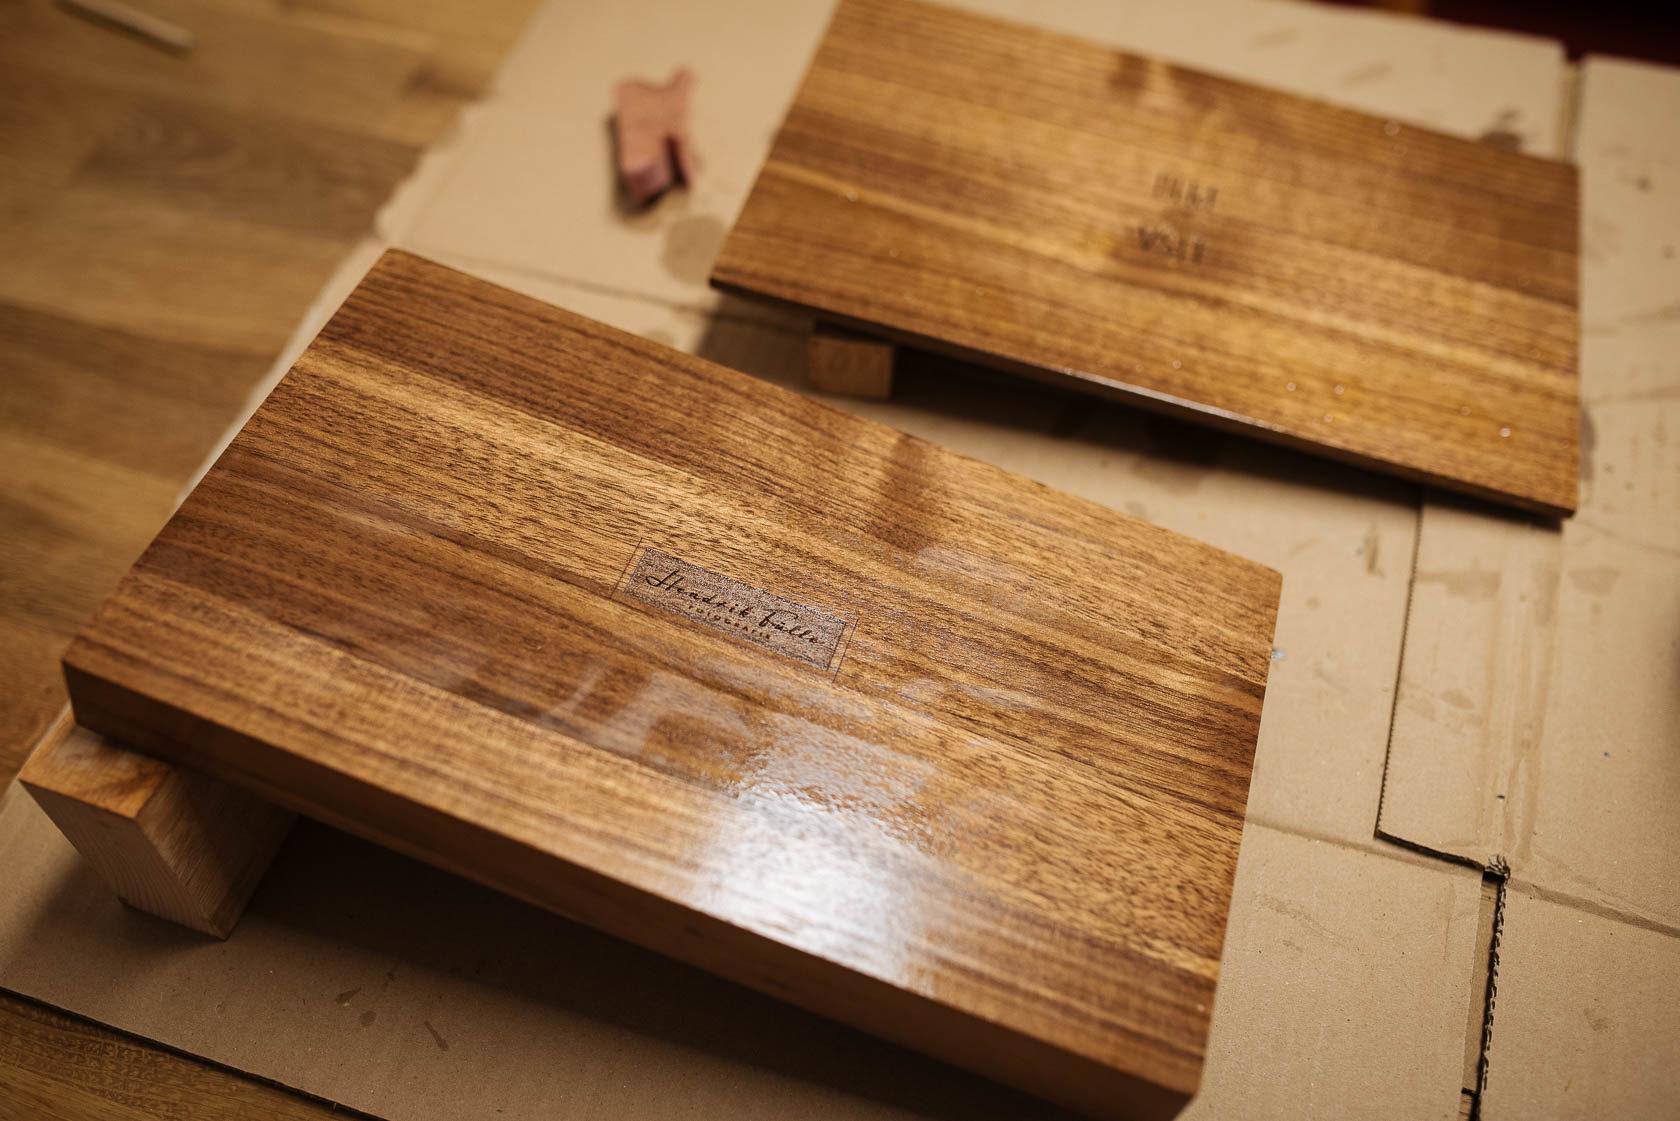 Holzbox zur Übergabe an das Brautpaar. Ein besonderes individuelles Geschenk